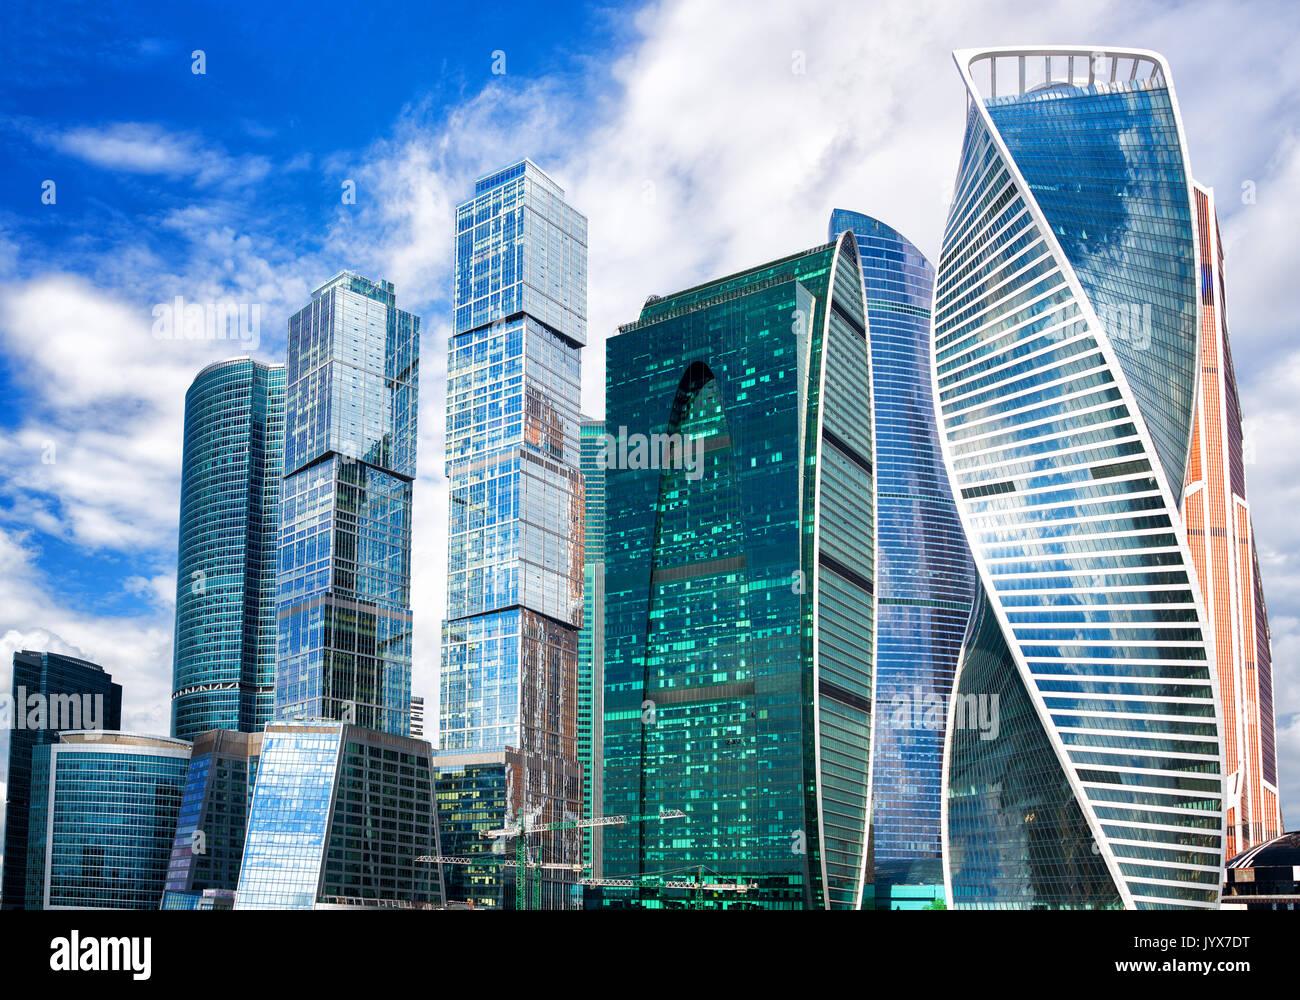 La ville de moscou russie centre ville moderne de gratte for Ville arredate moderne